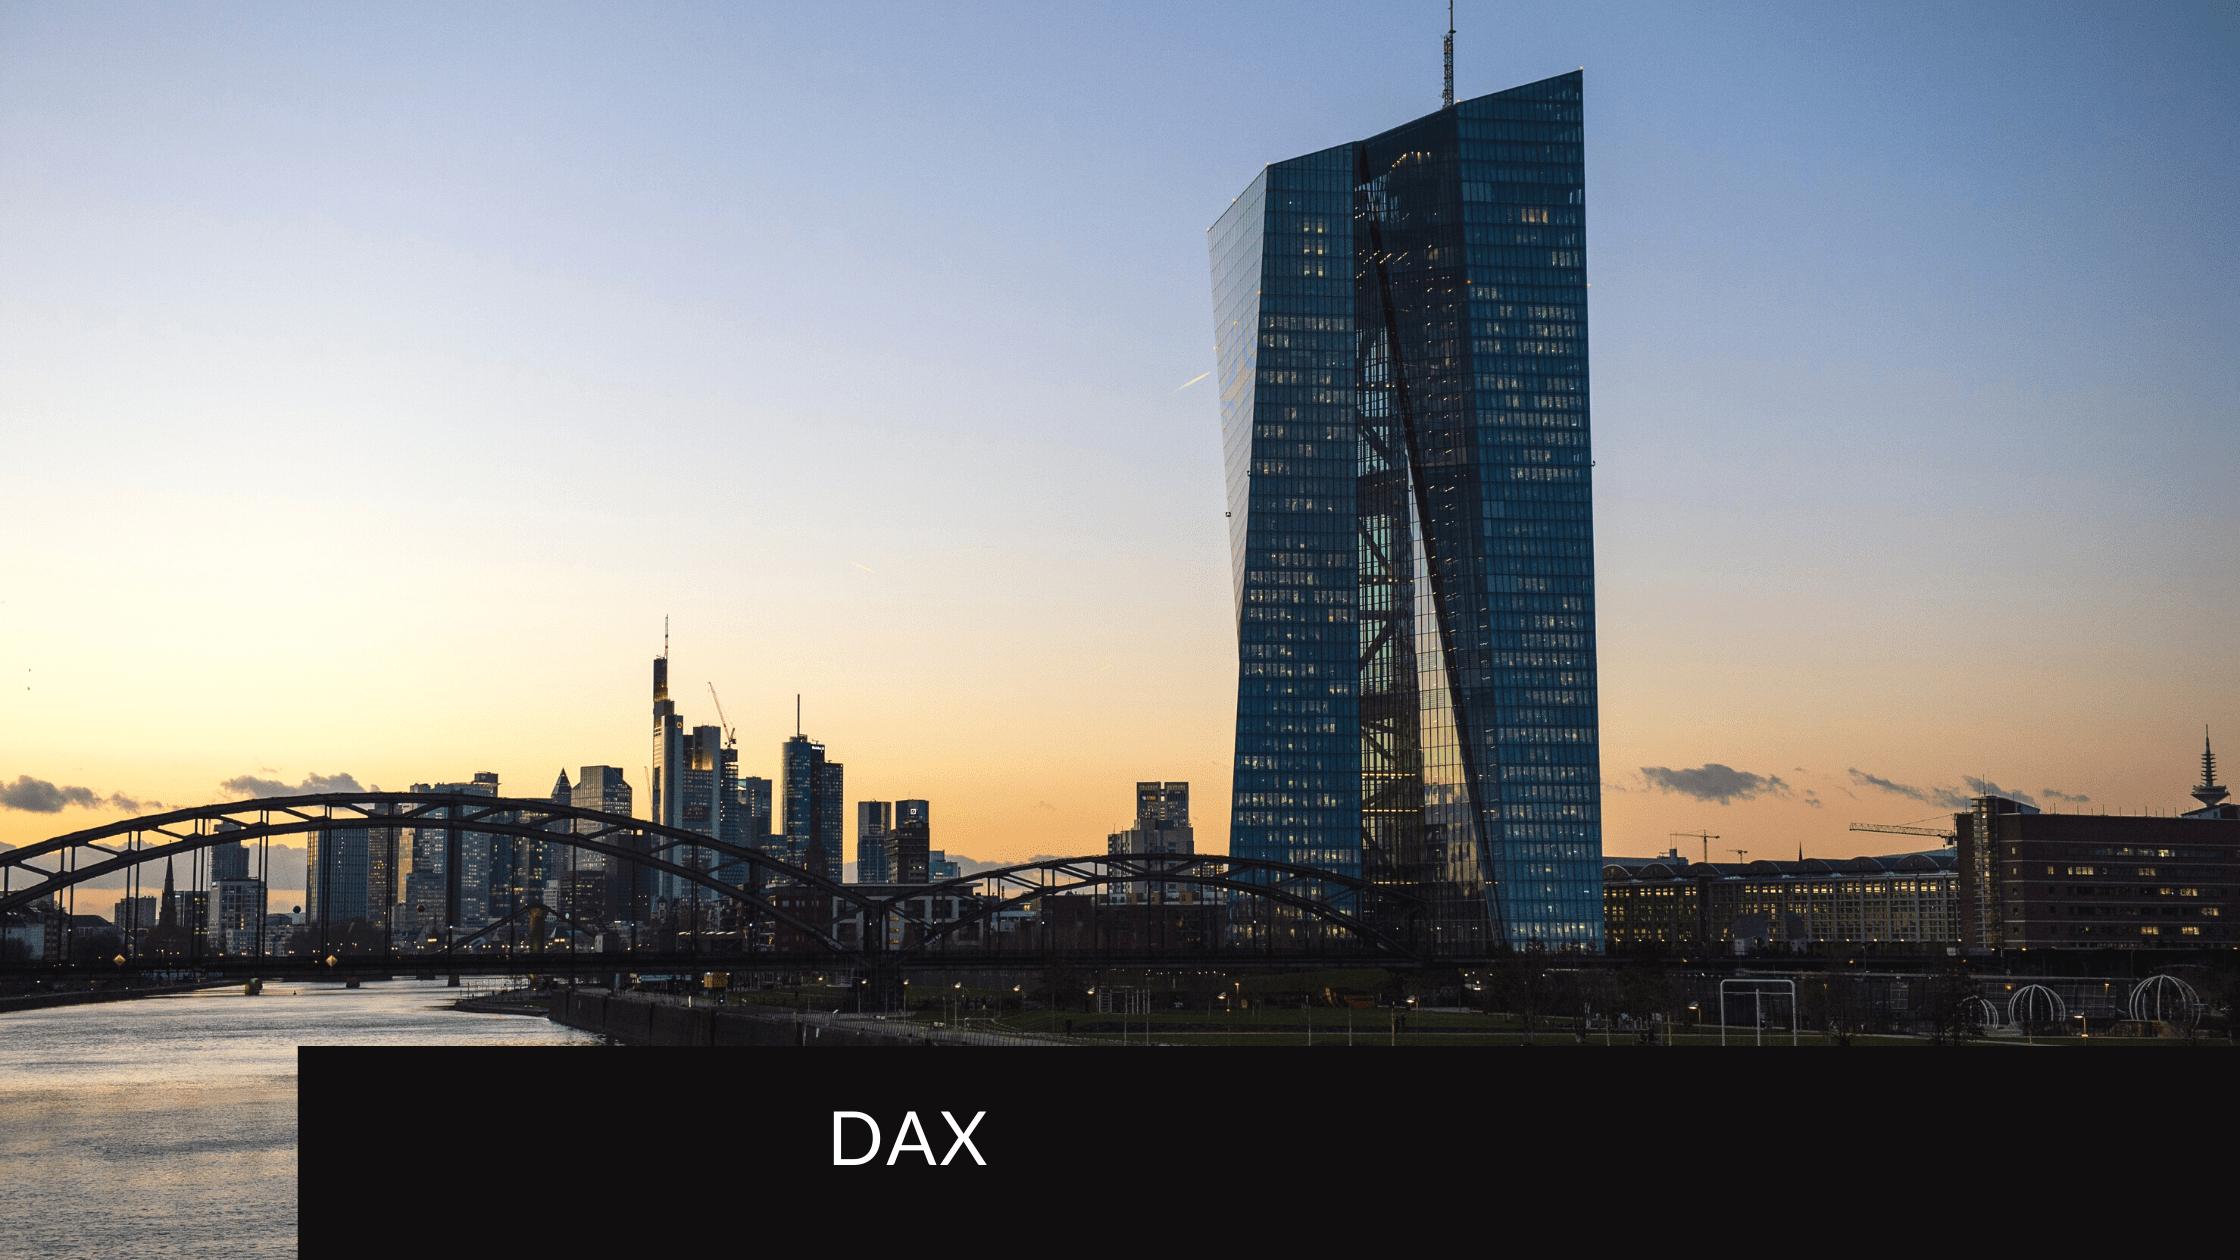 DAX Analyse - KW9/10